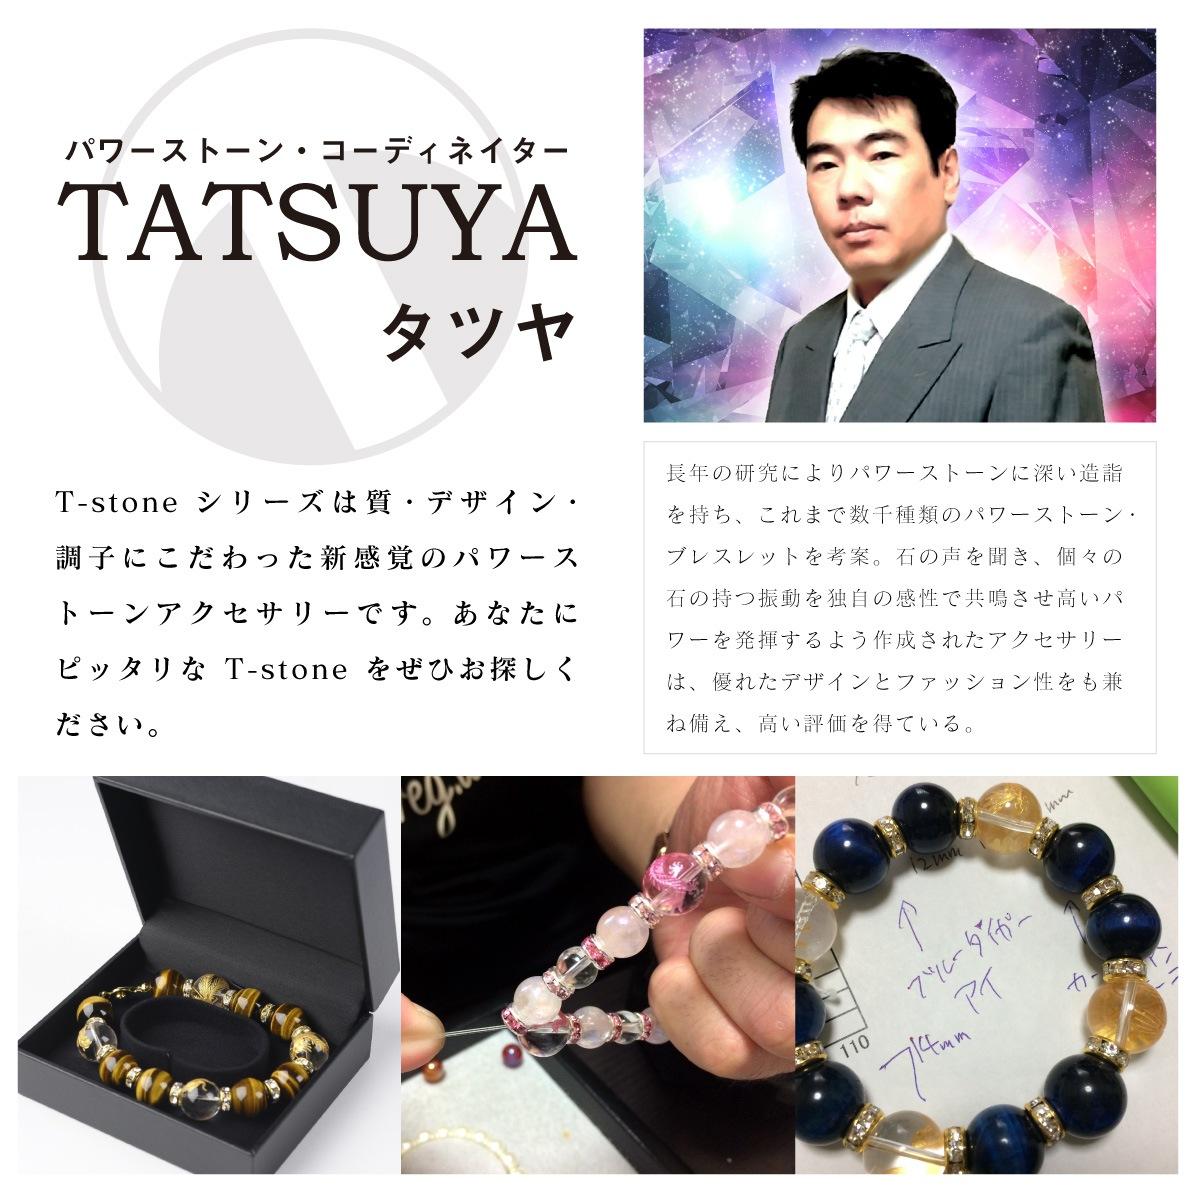 【T-stone】 四神ゴールドラッシュ� ≫オーダーメイドの開運ブレスレット→金運に!